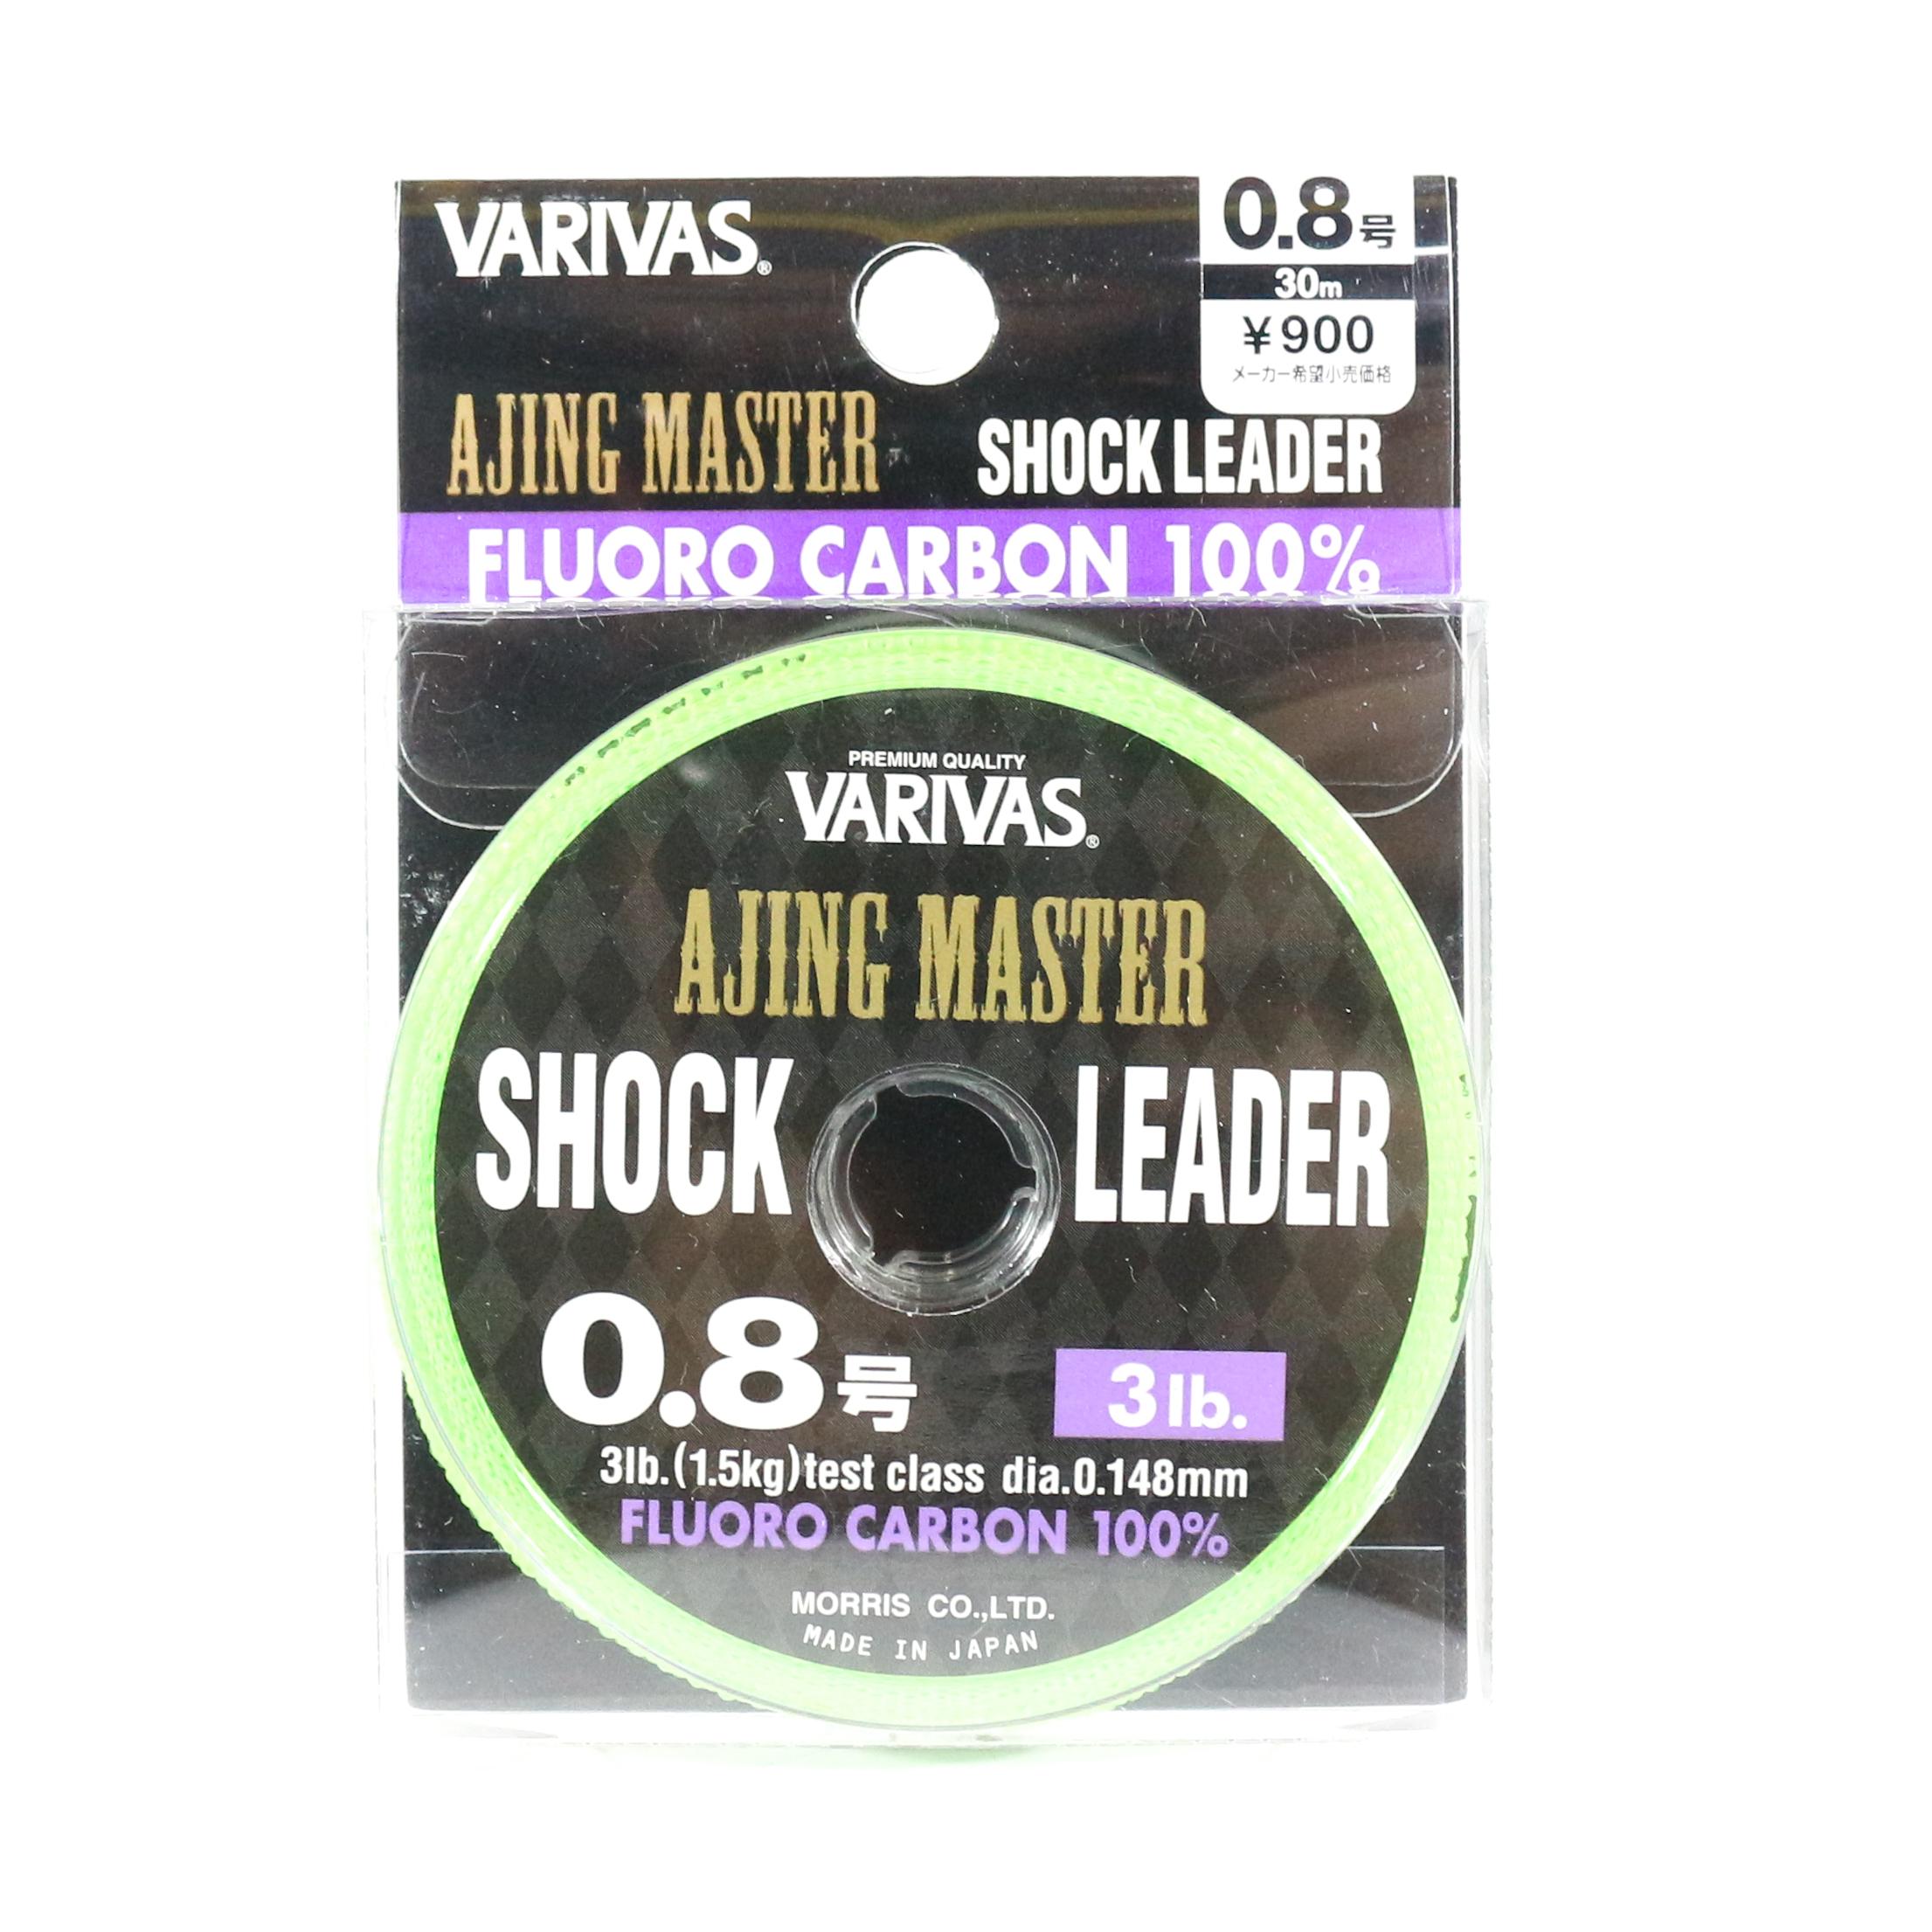 Varivas Fluorocarbon Ajing Master Shock Leader Line 30m 0.8, 3lb (8606)